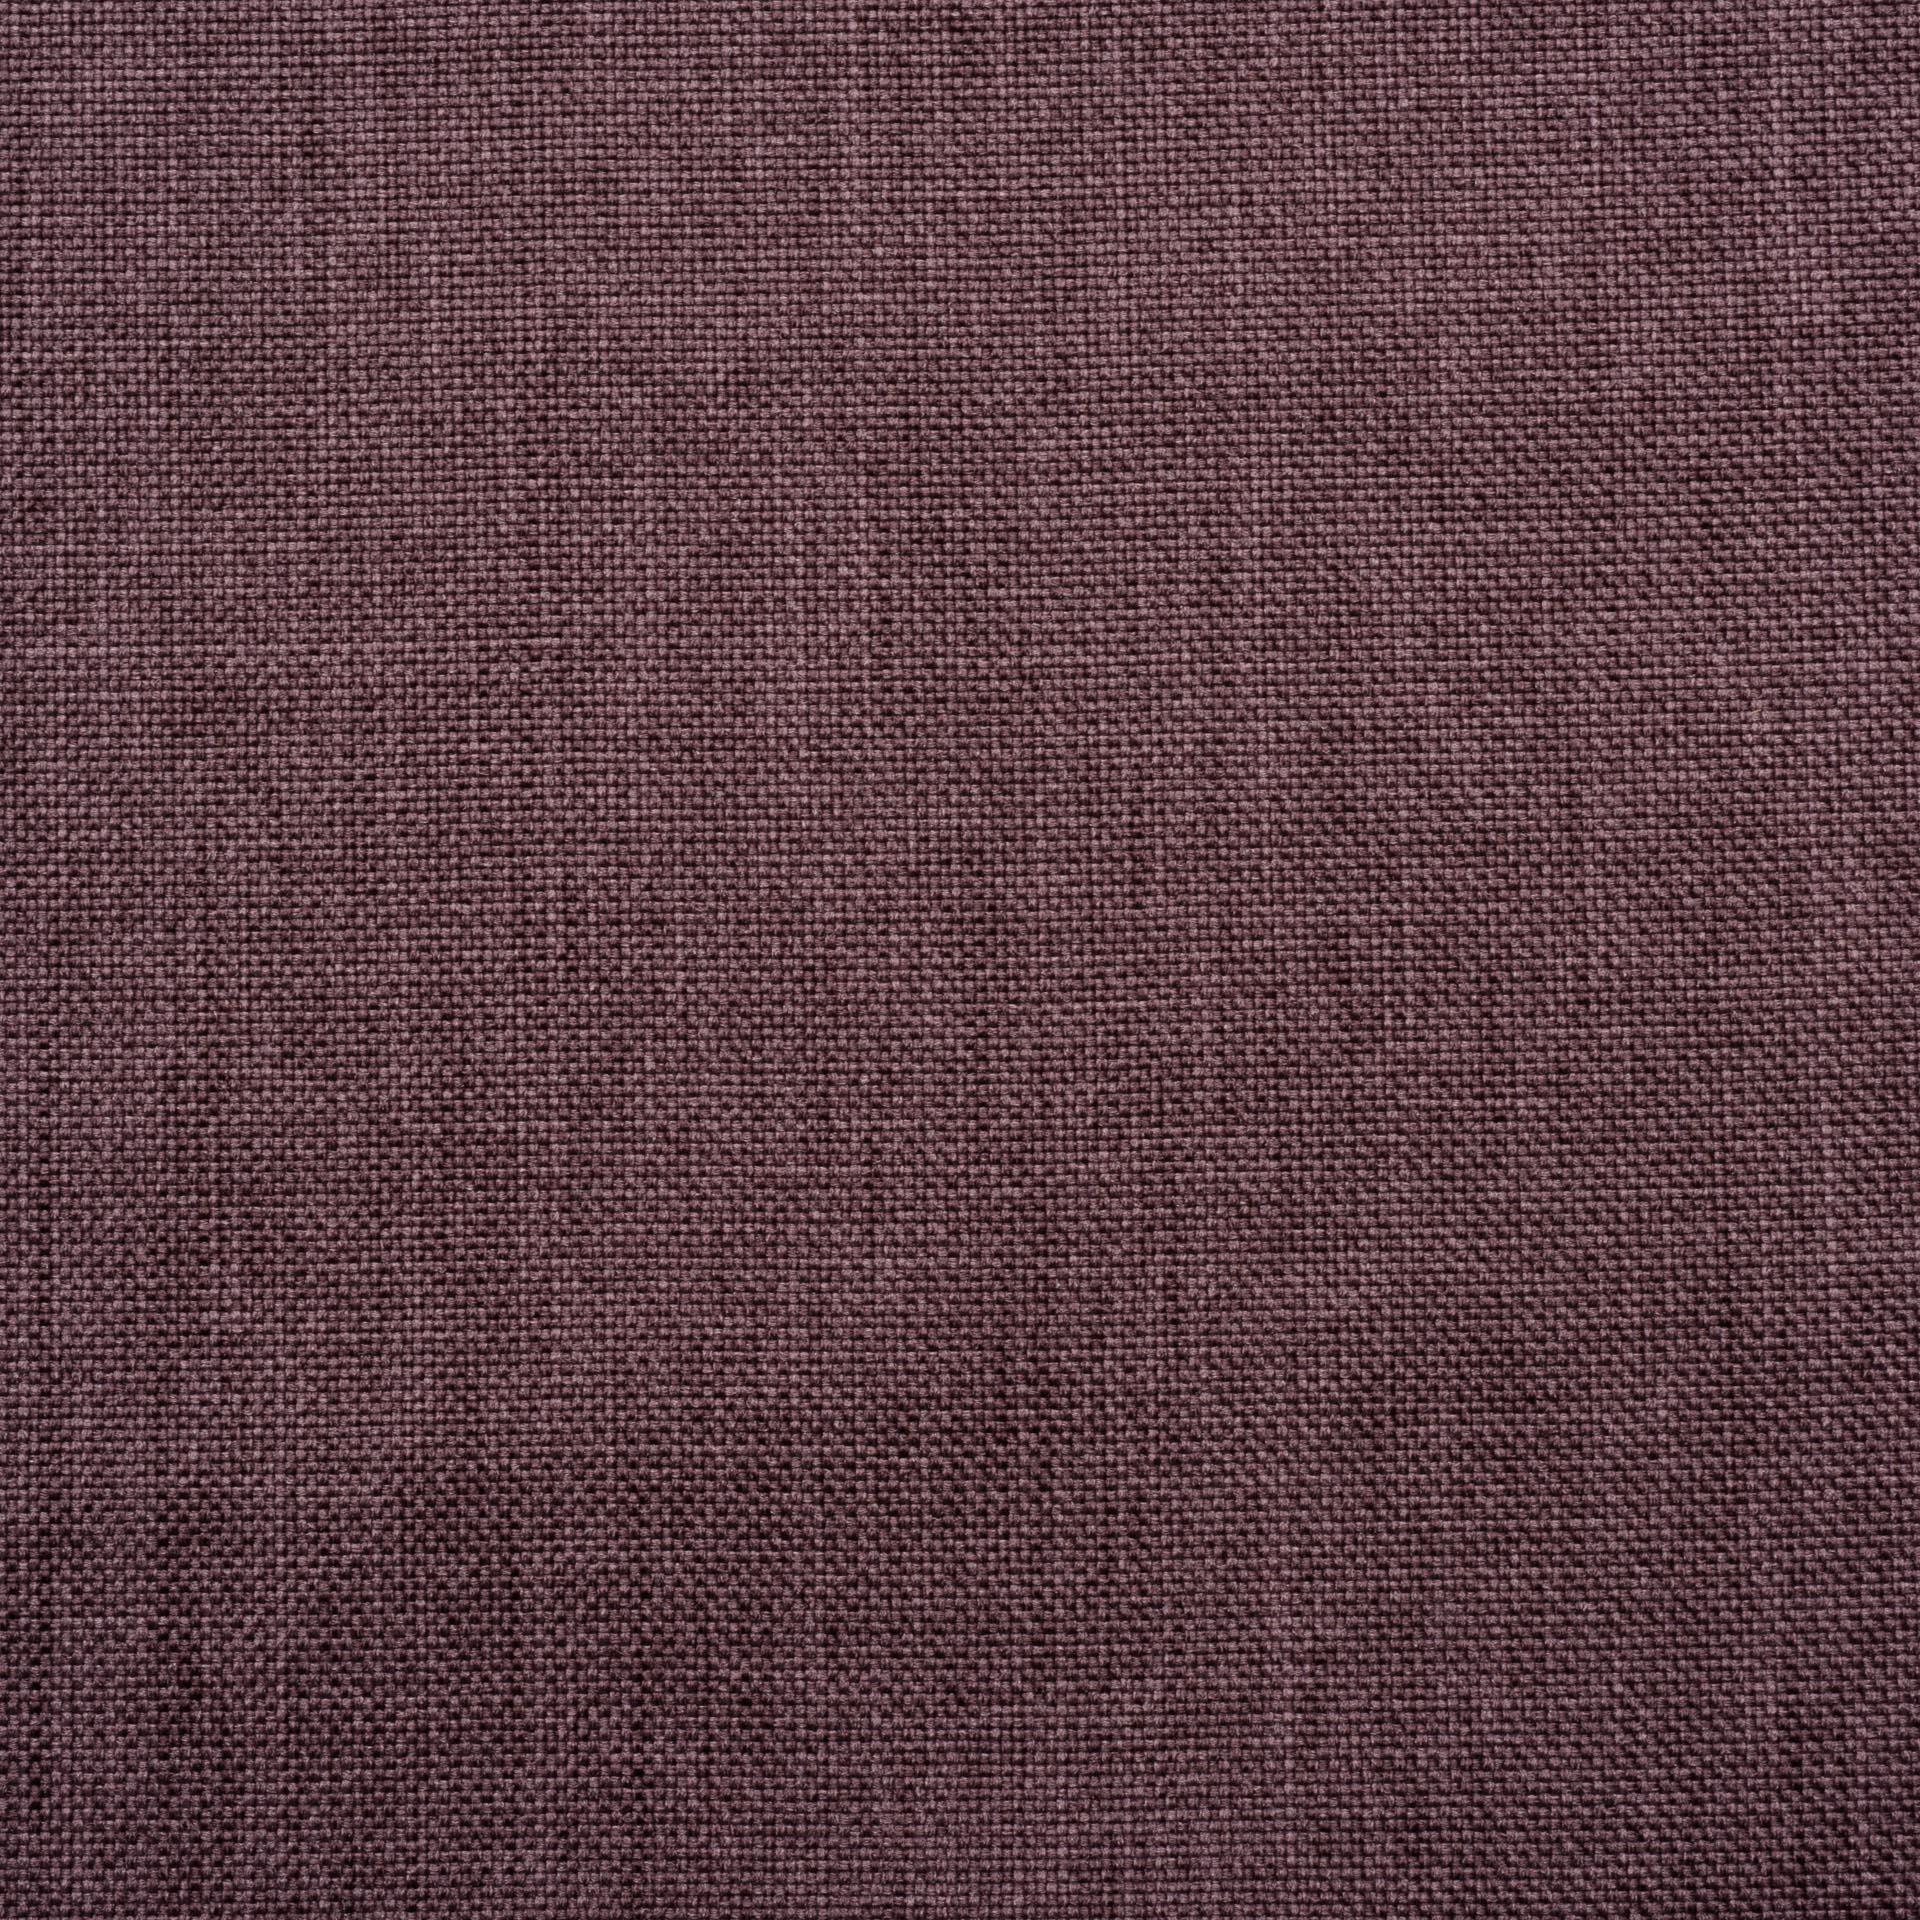 Коллекция ткани Саванна nova 11 Berry,  купить ткань Жаккард для мебели Украина